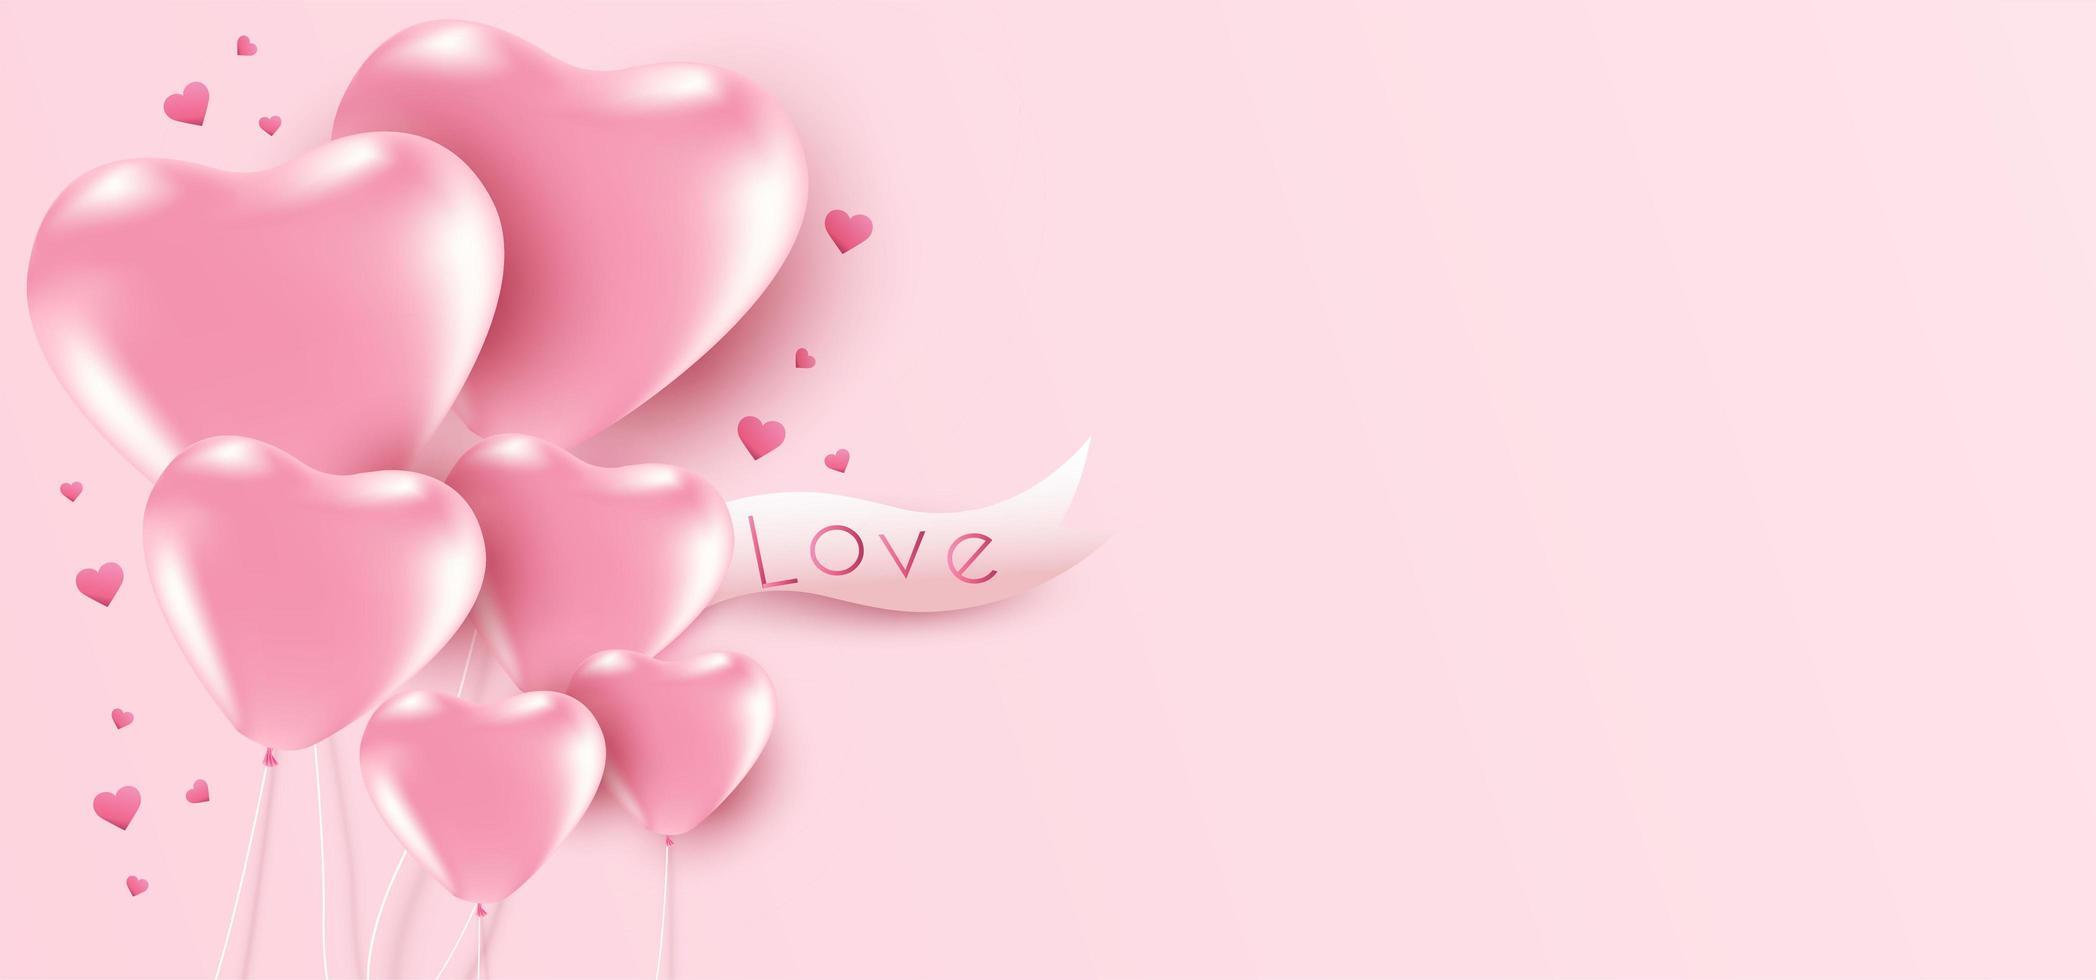 Fond de la Saint-Valentin avec des ballons coeur et fond. vecteur